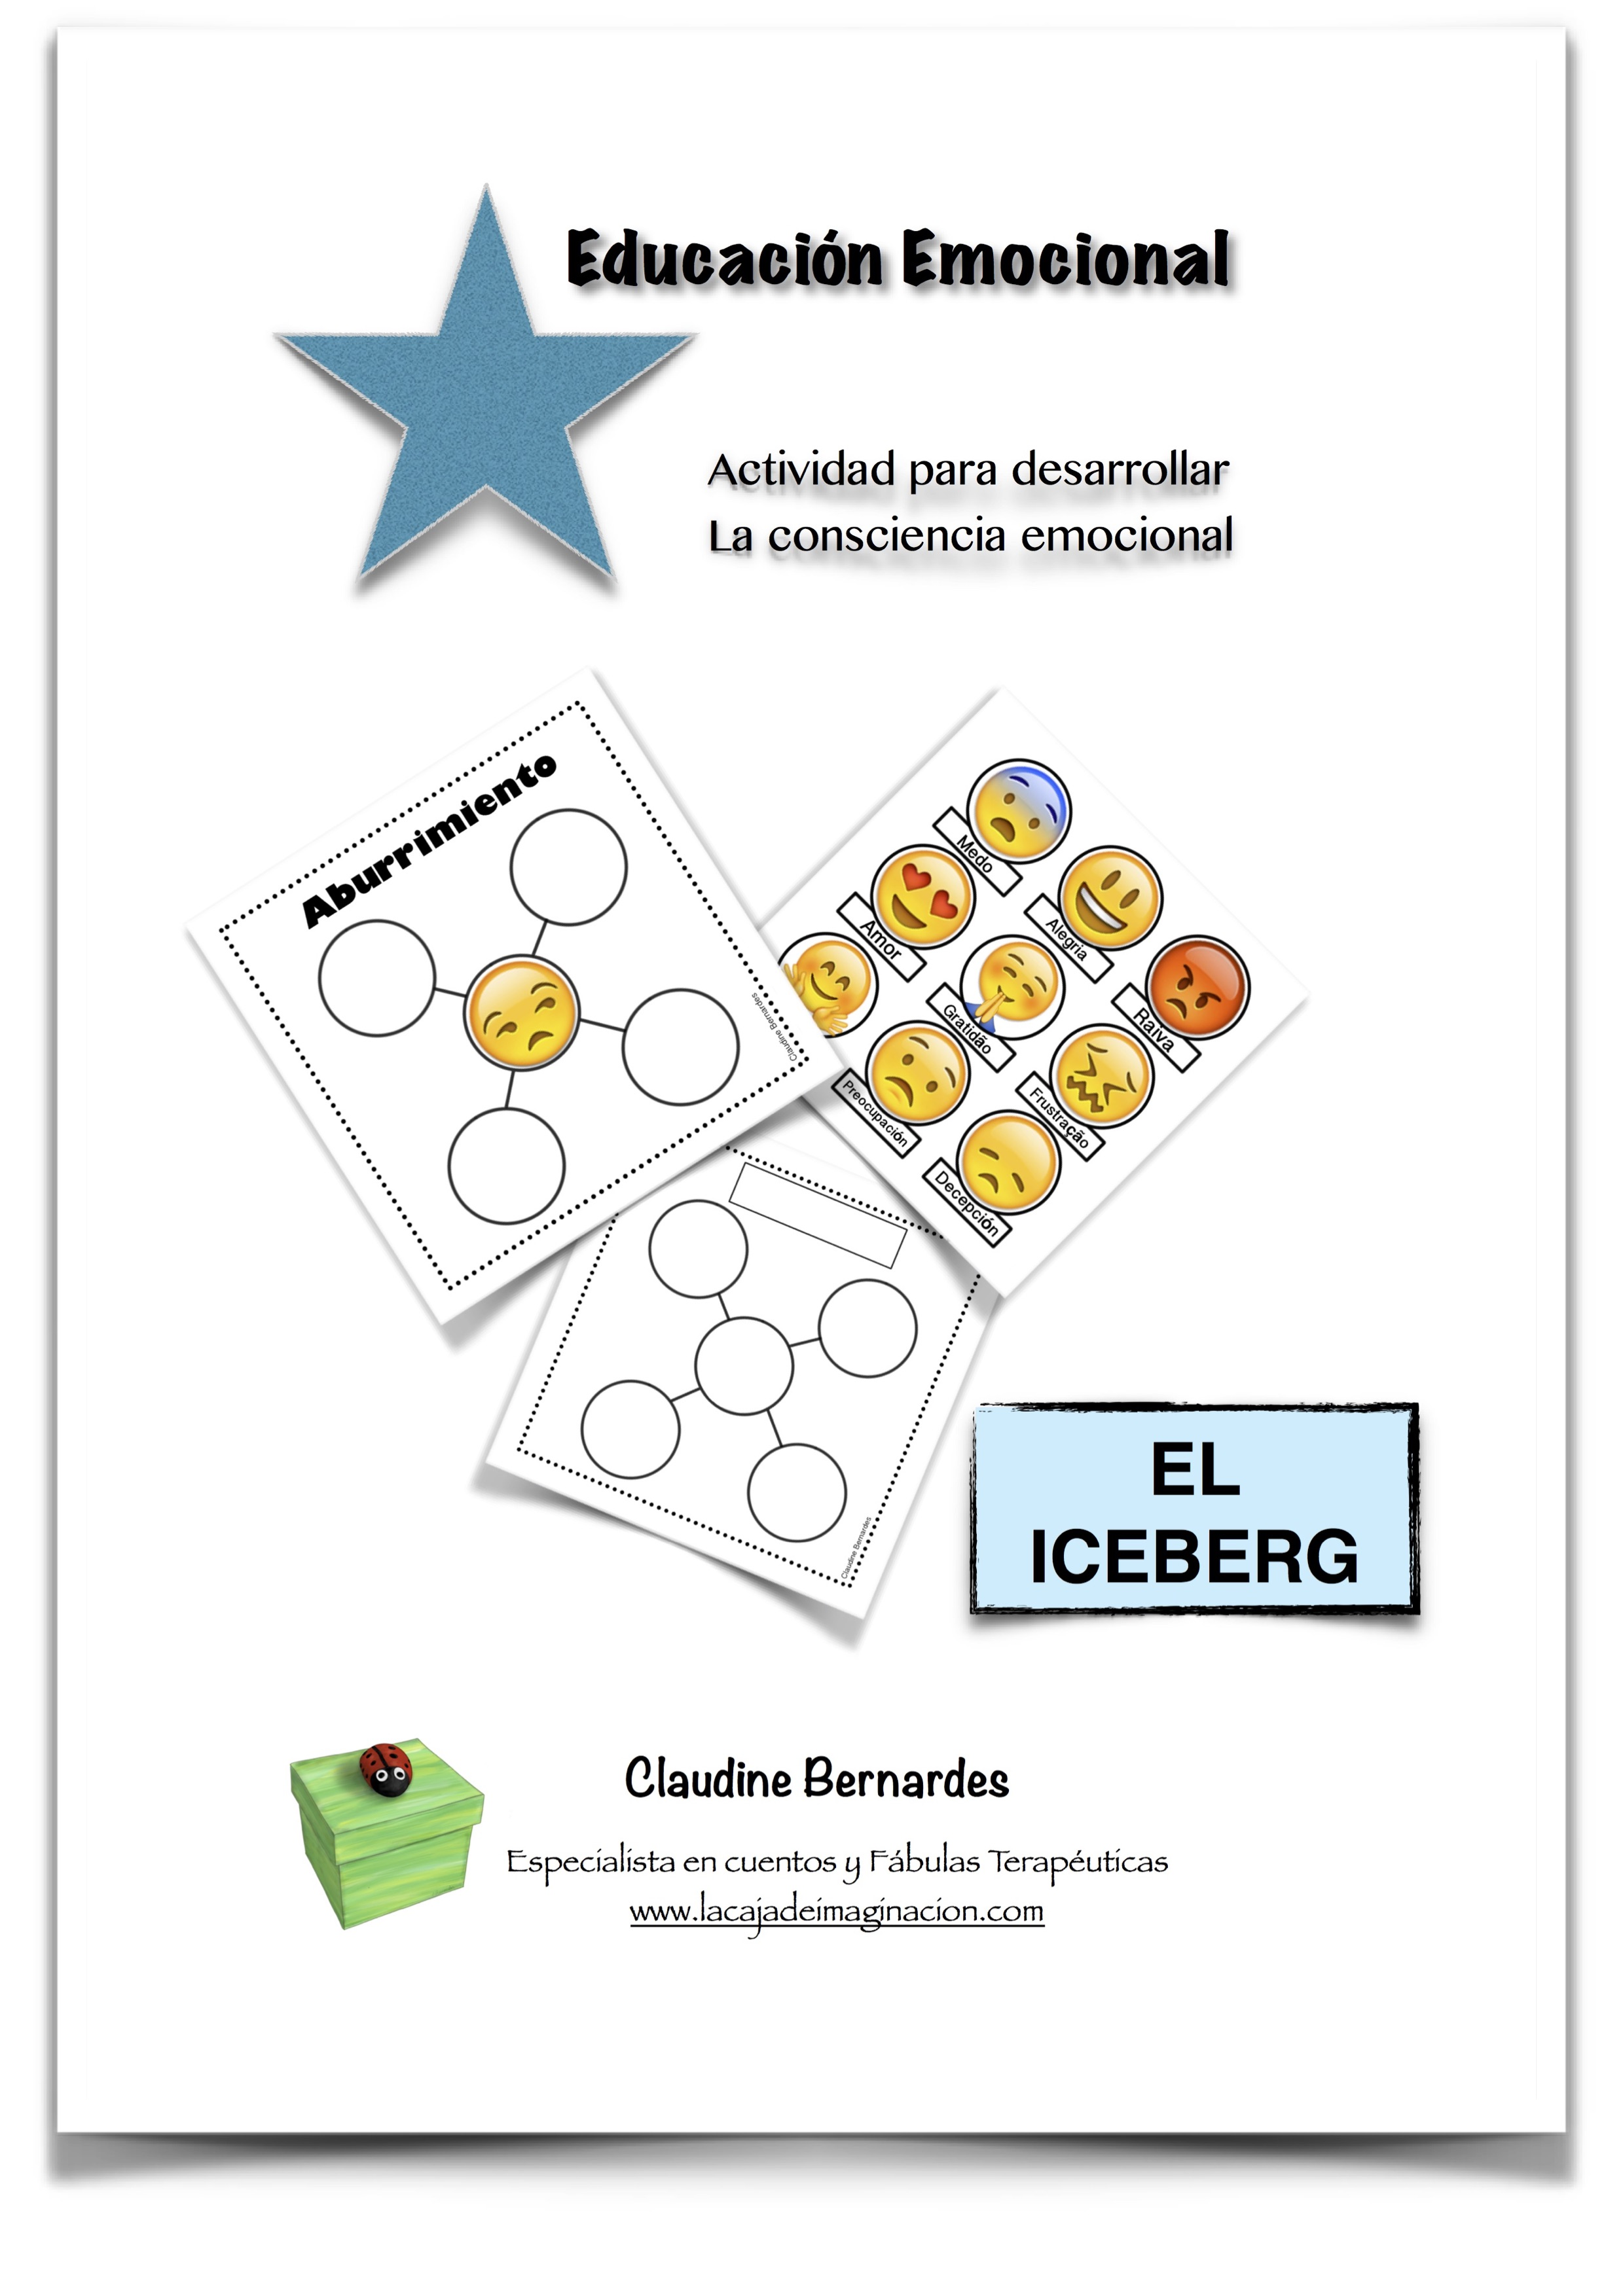 Tapa Actividad Iceberg - Educación Emocional - Claudine Bernardes